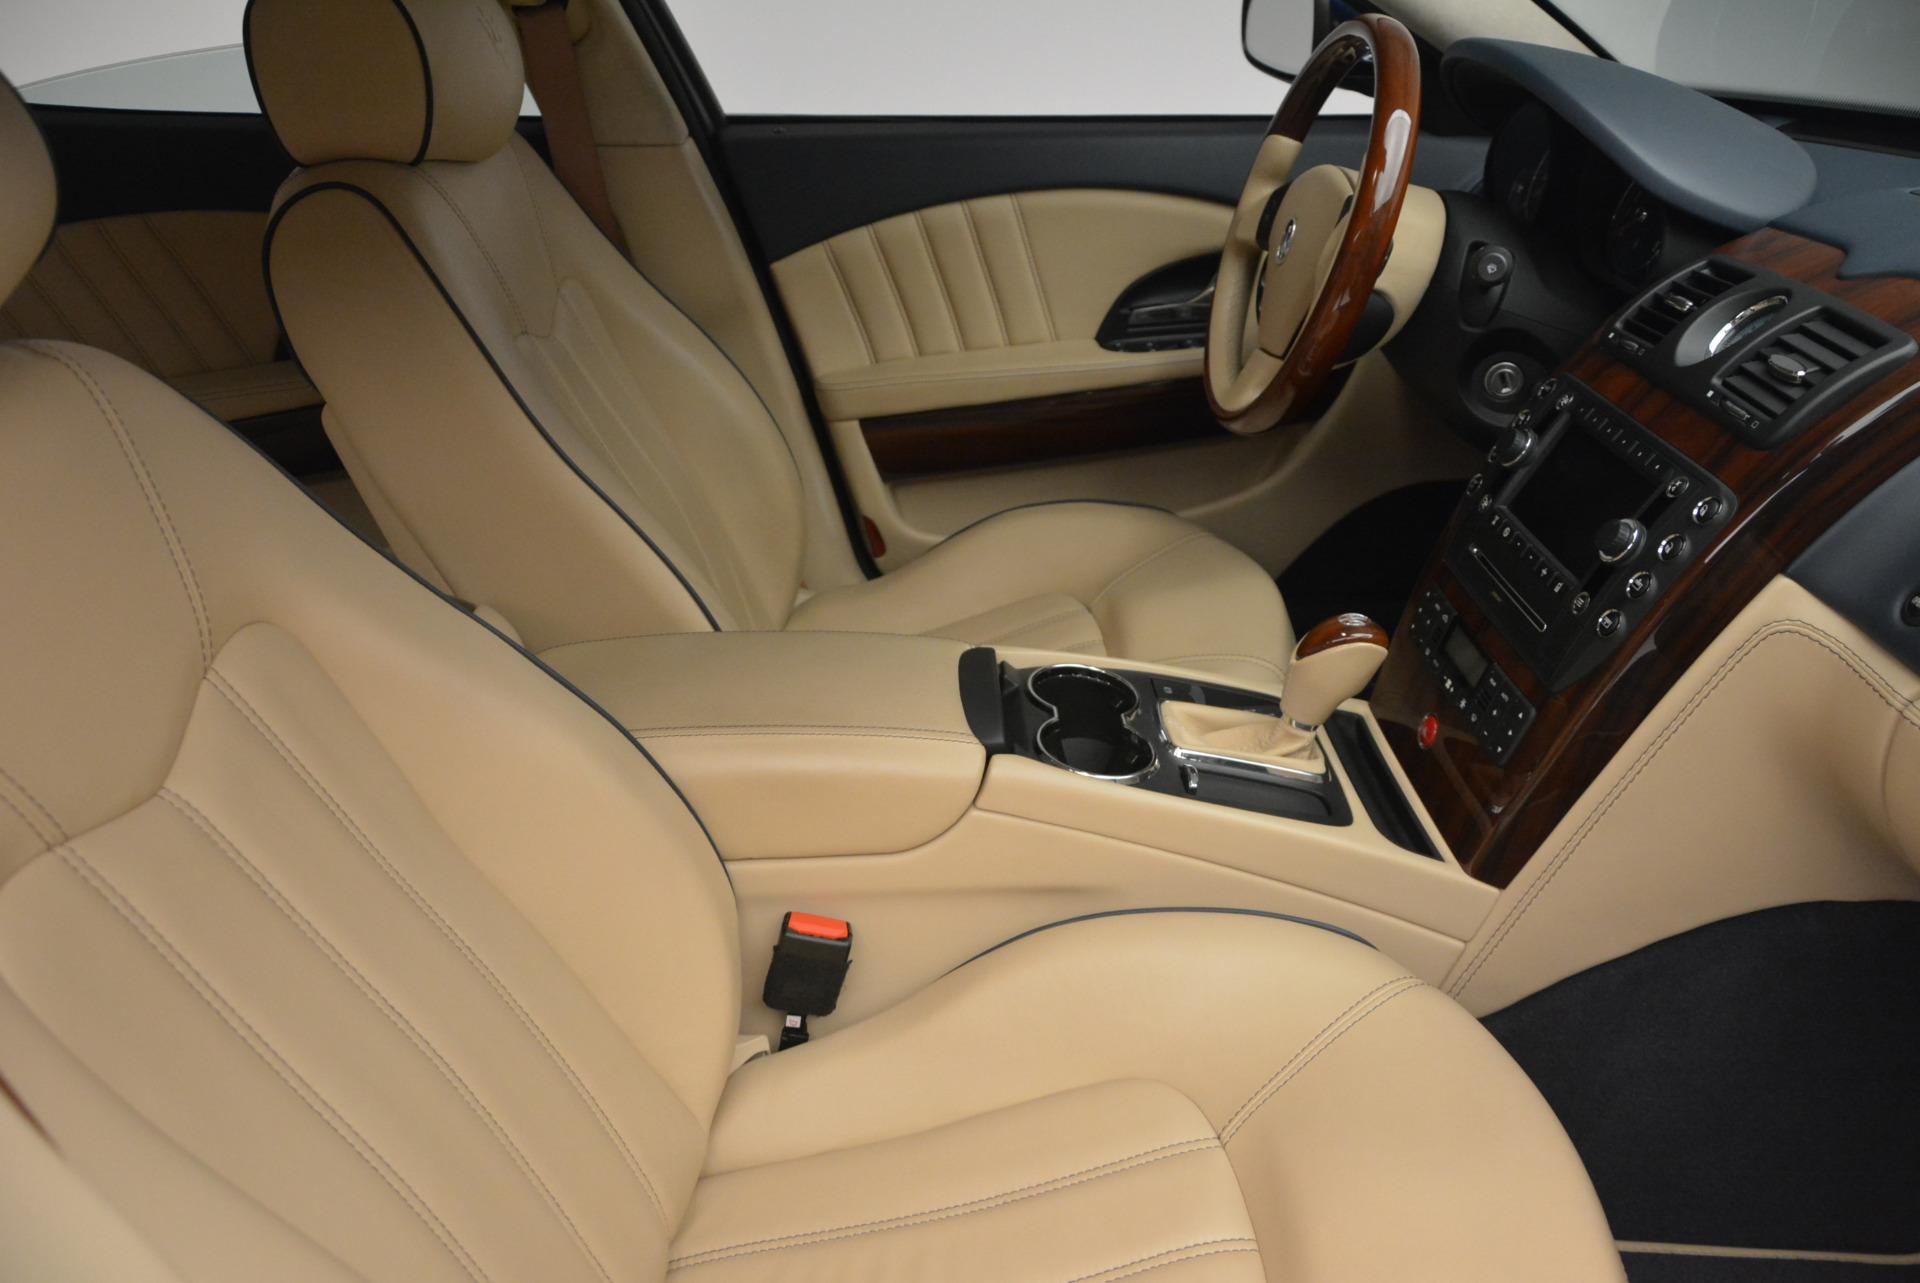 Used 2010 Maserati Quattroporte S For Sale In Greenwich, CT 795_p18